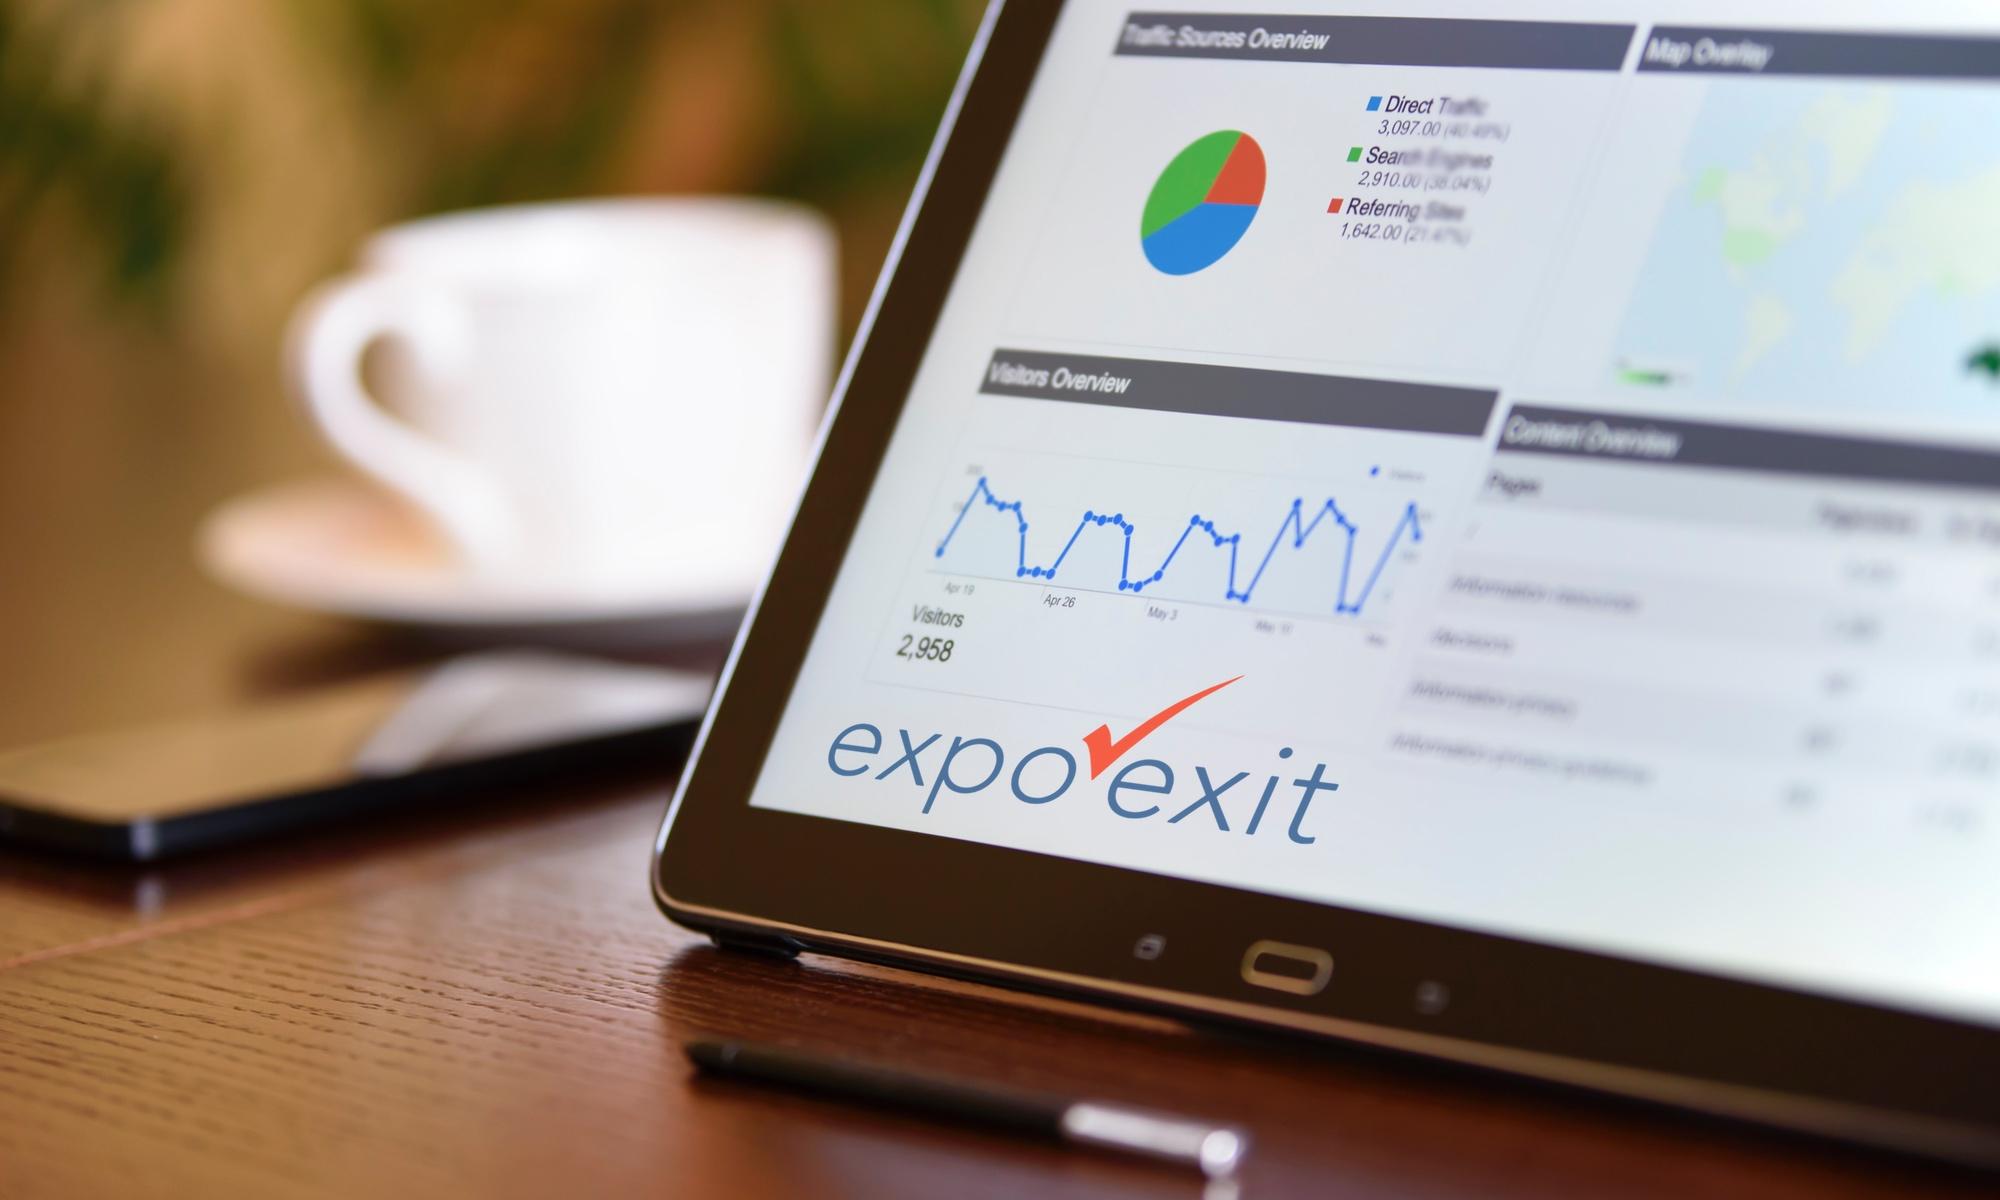 expo-exit.com